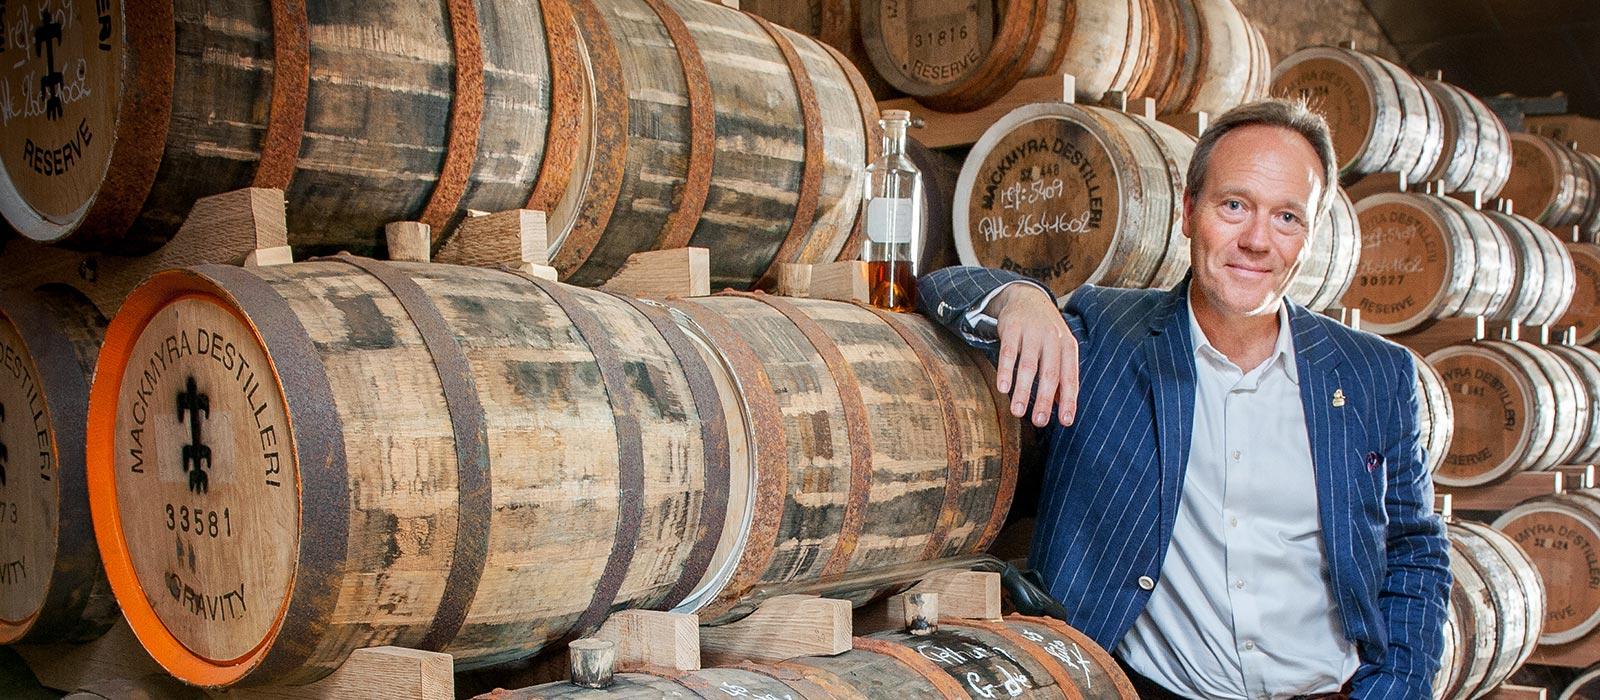 Plantation lanserar rom lagrade på små svenska ekfat – i samarbete med Mackmyra Whisky (Pressrelease)